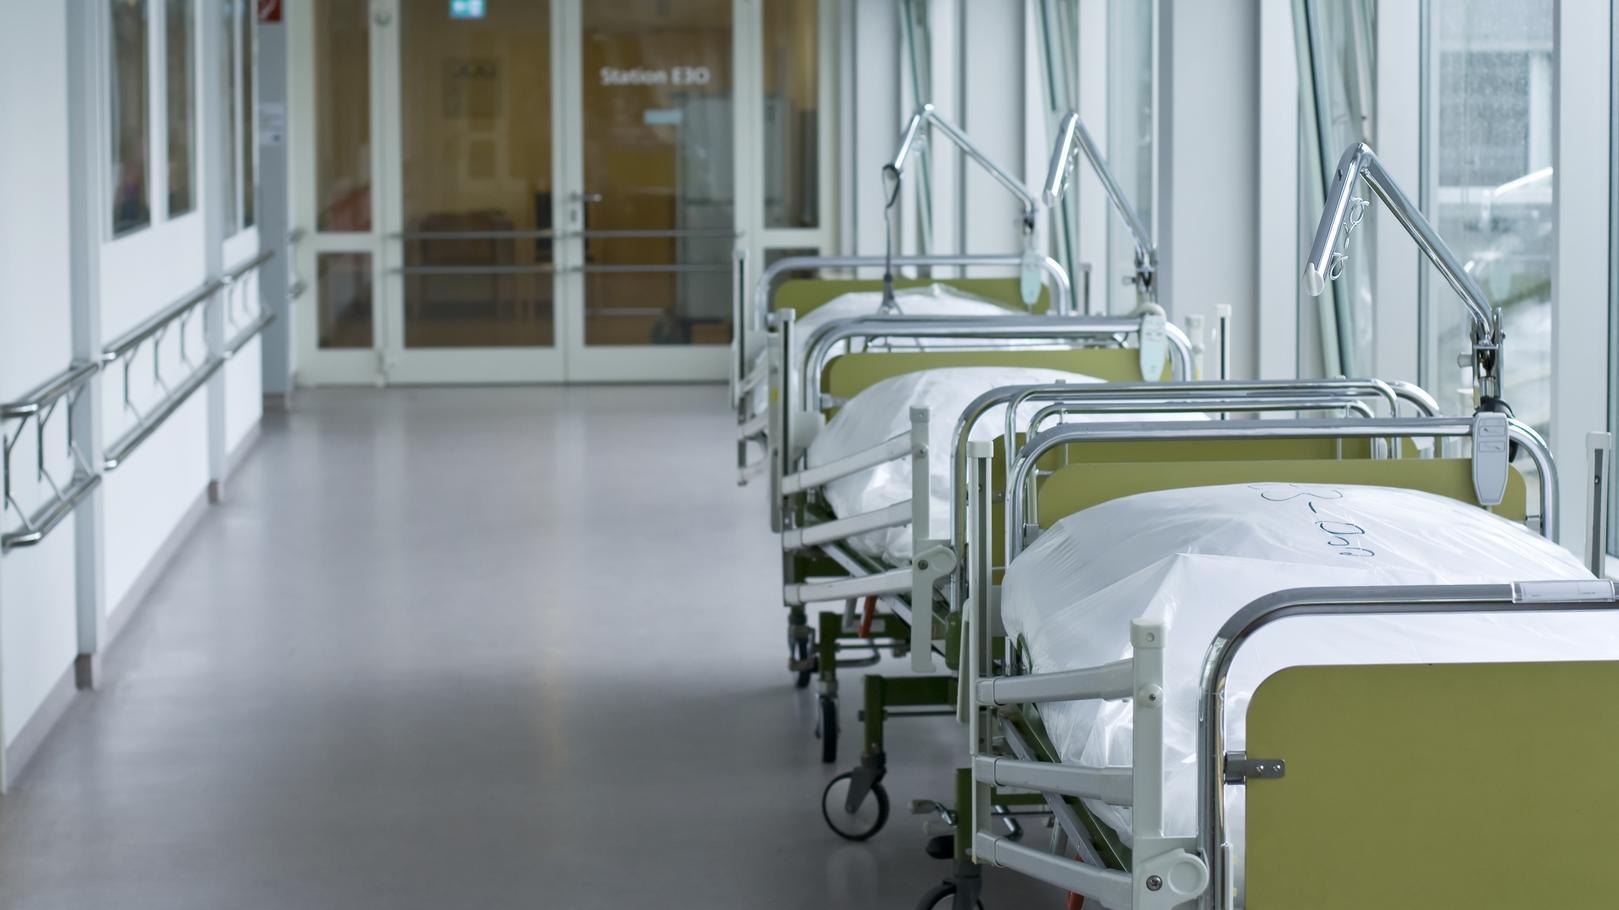 Betten in einem Krankenhausflur